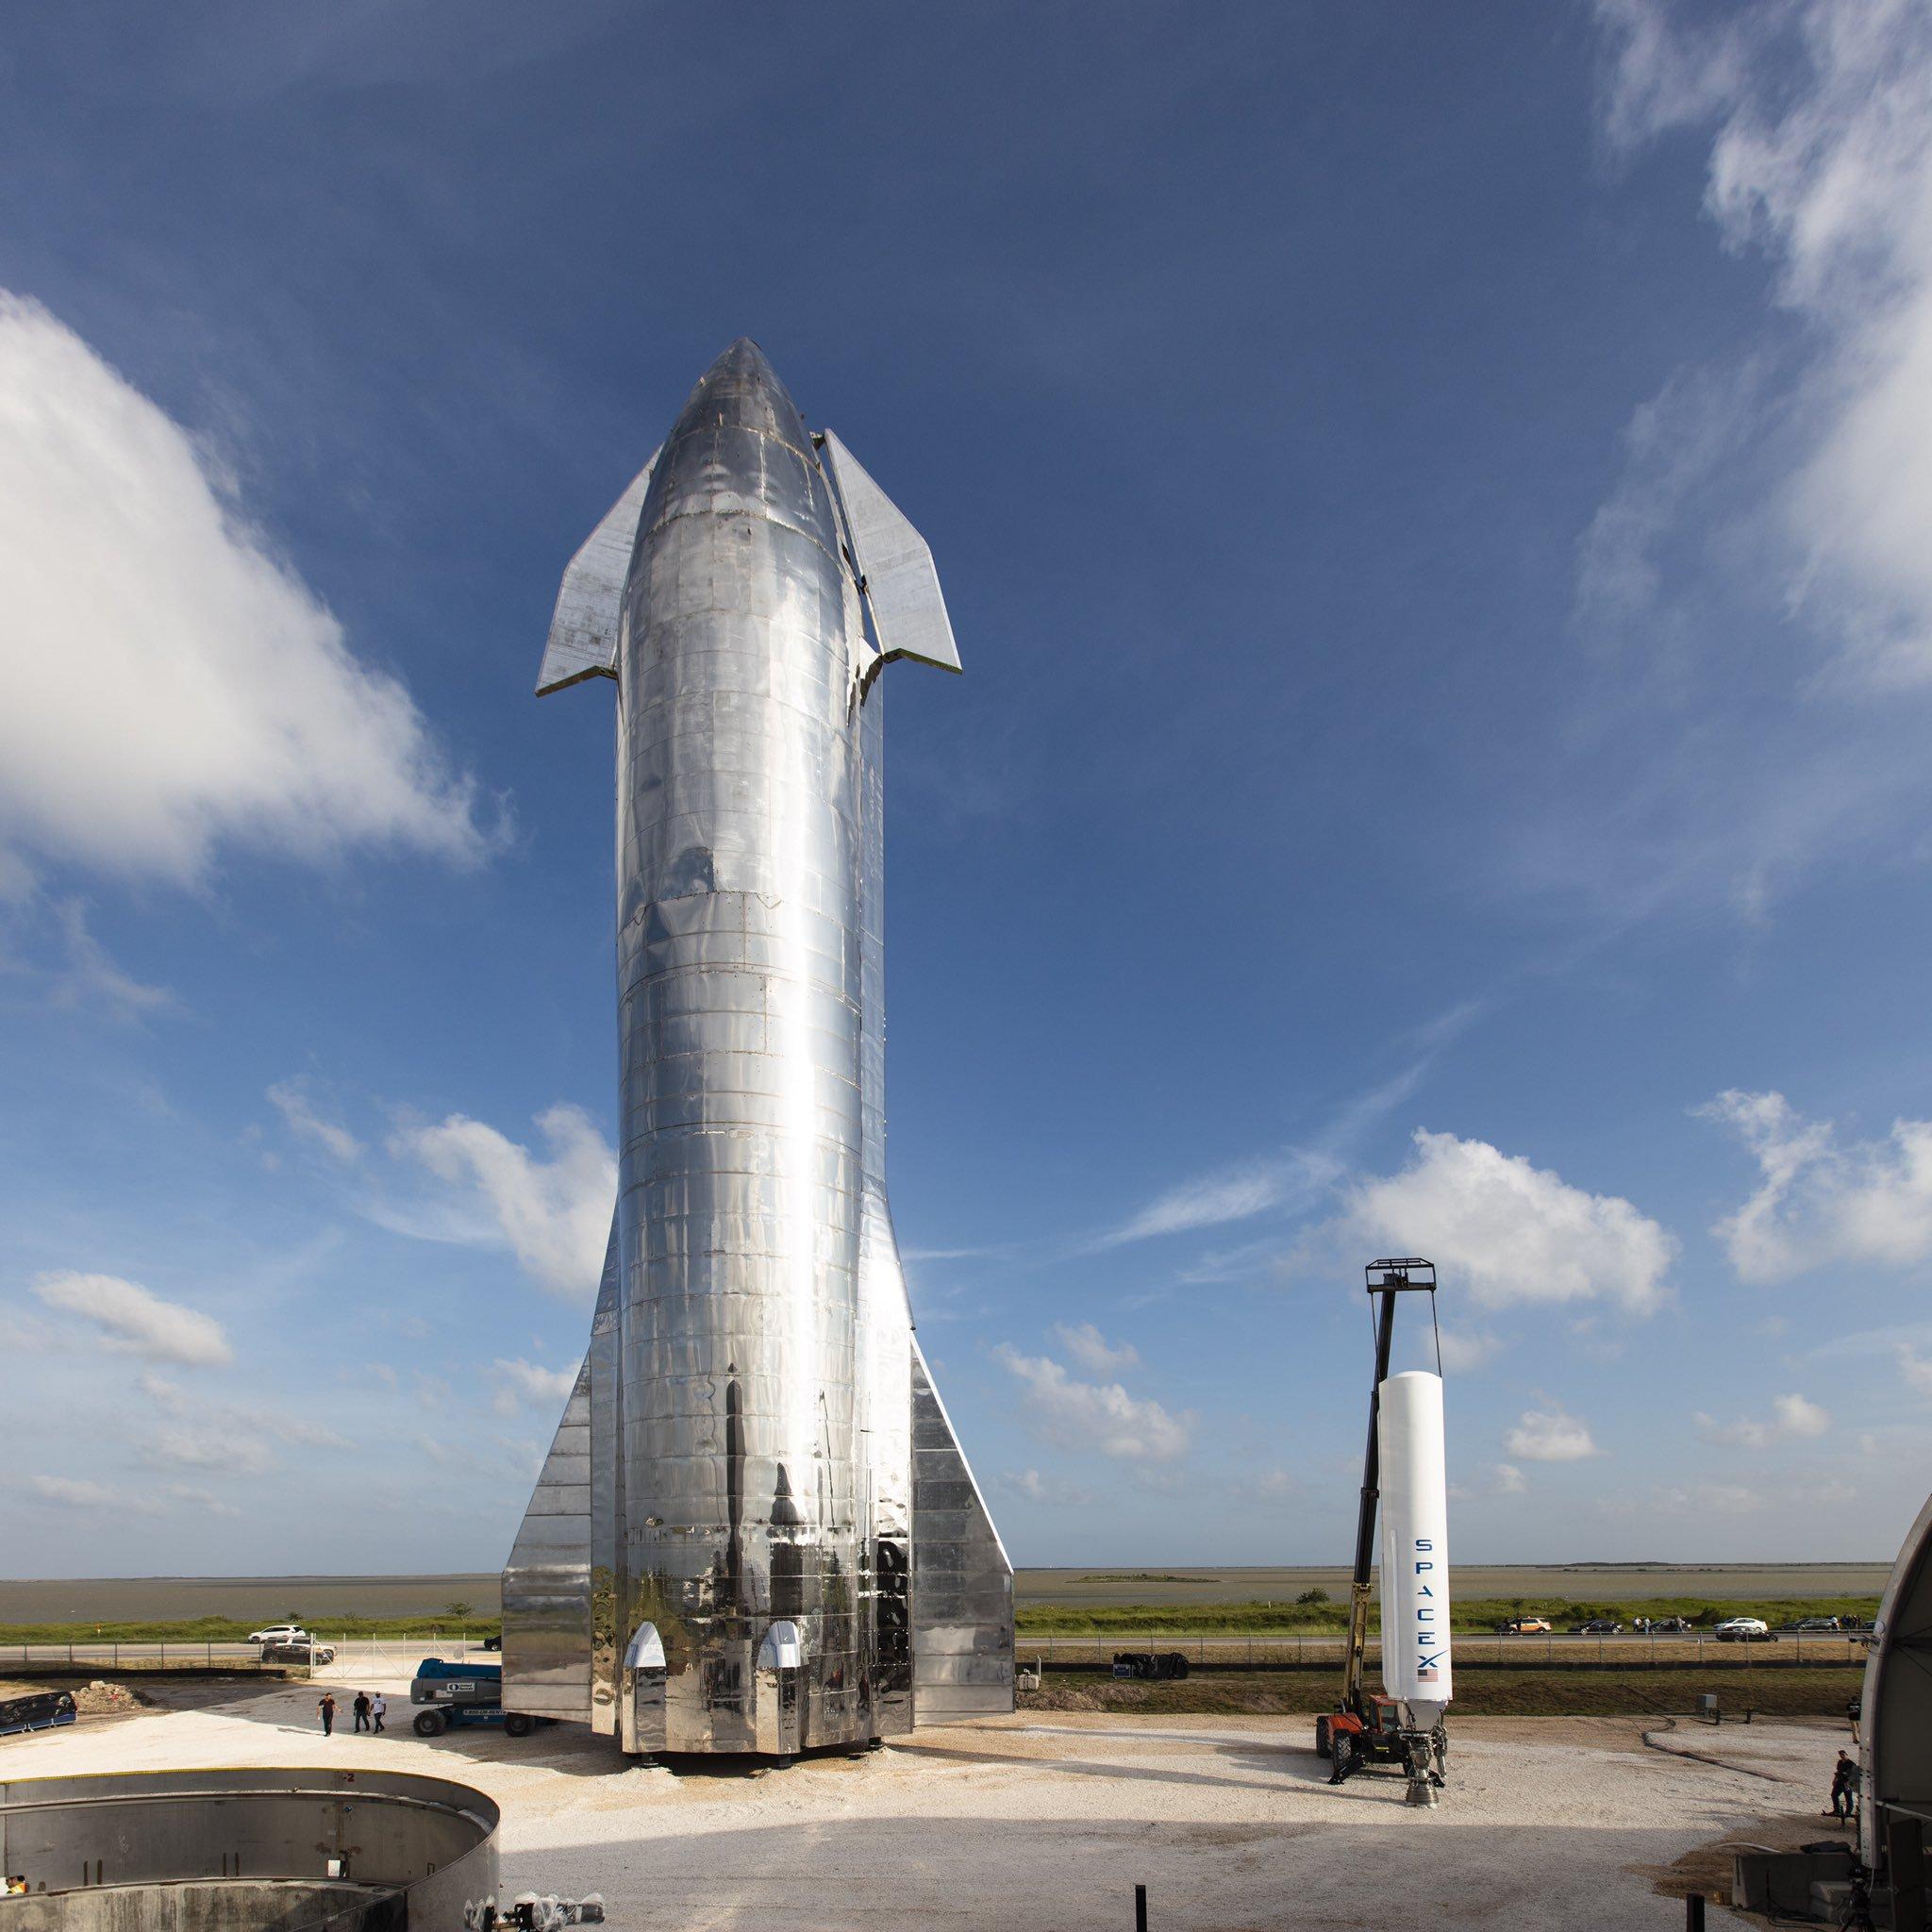 Starship next to Falcon 1